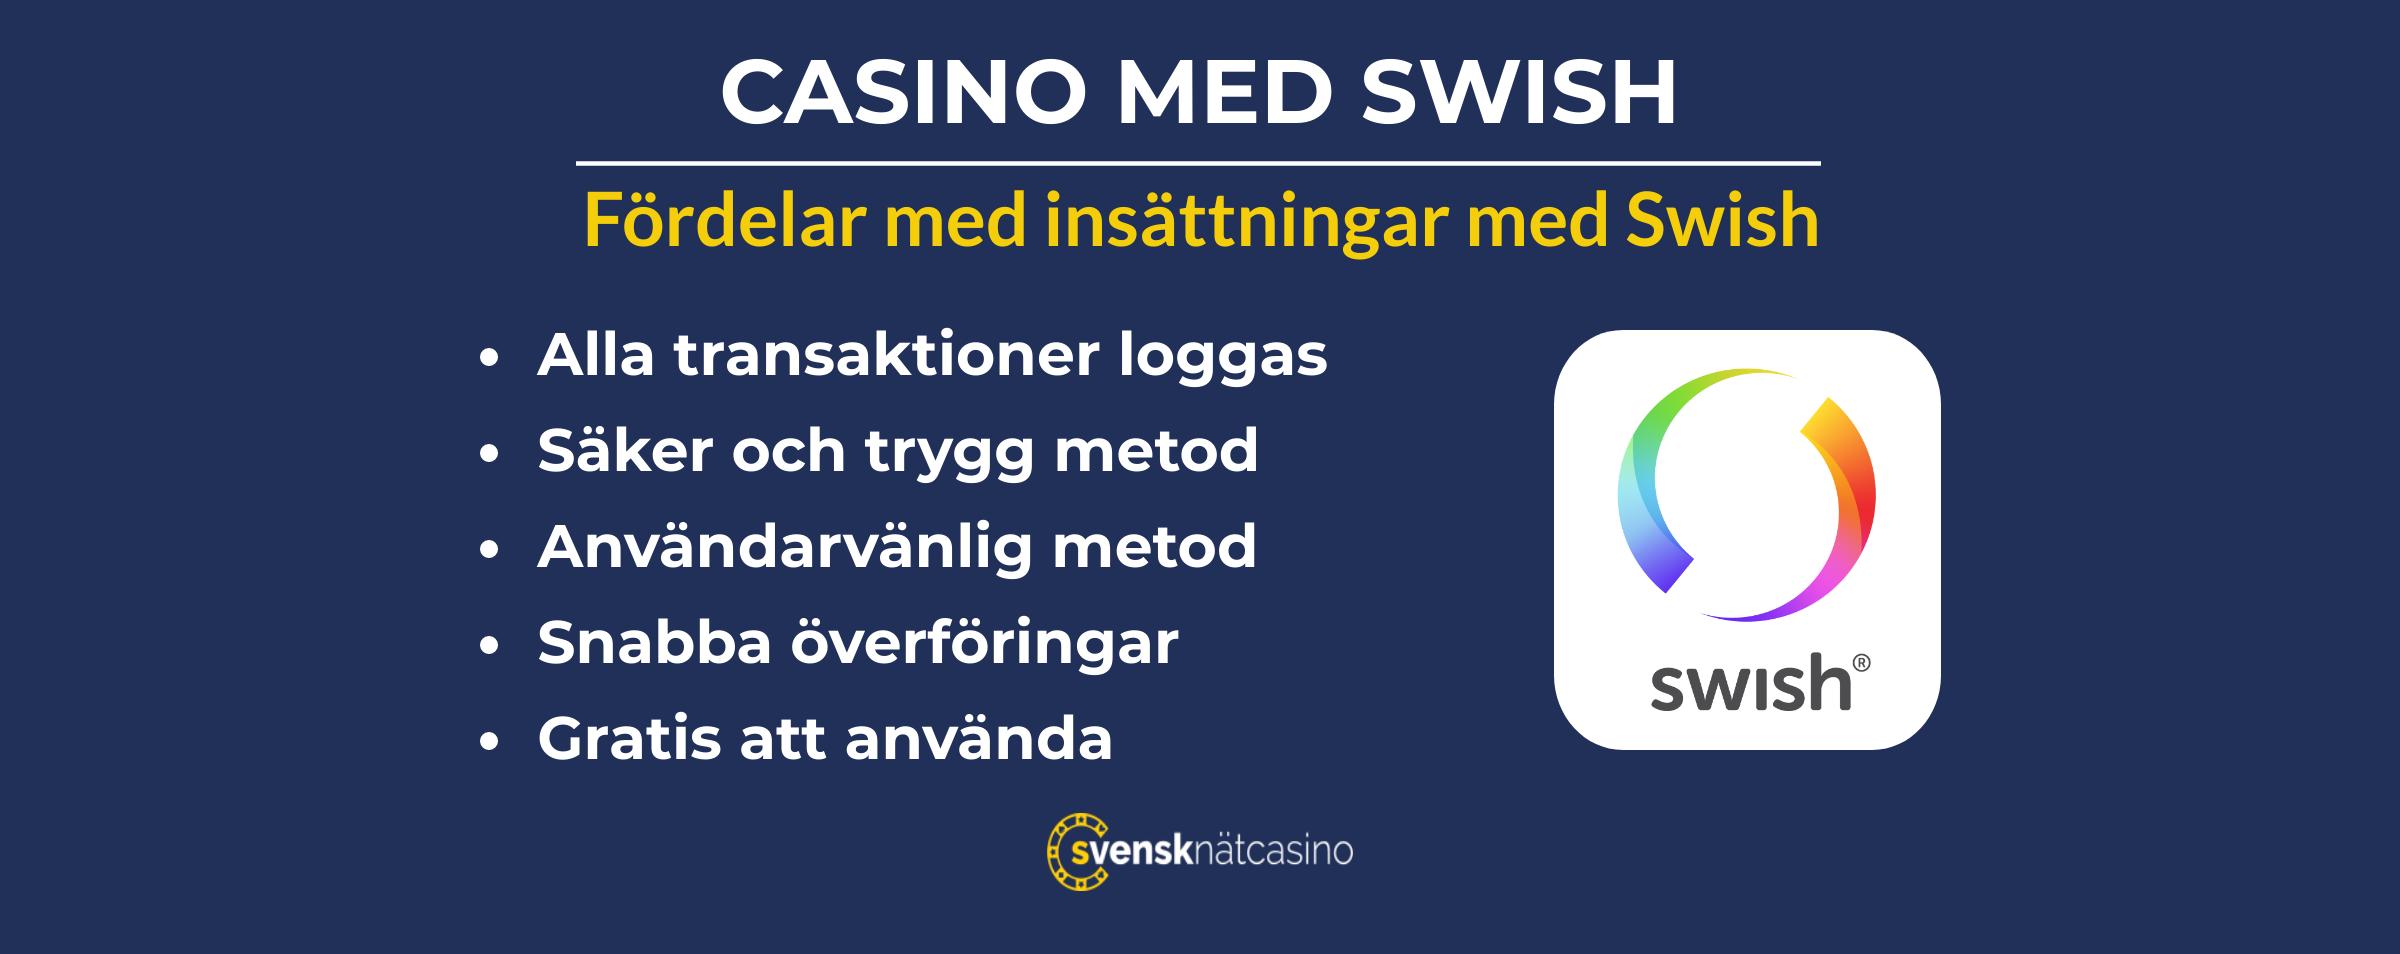 casino med swish insattningar fordelar svensknatcasino se.png